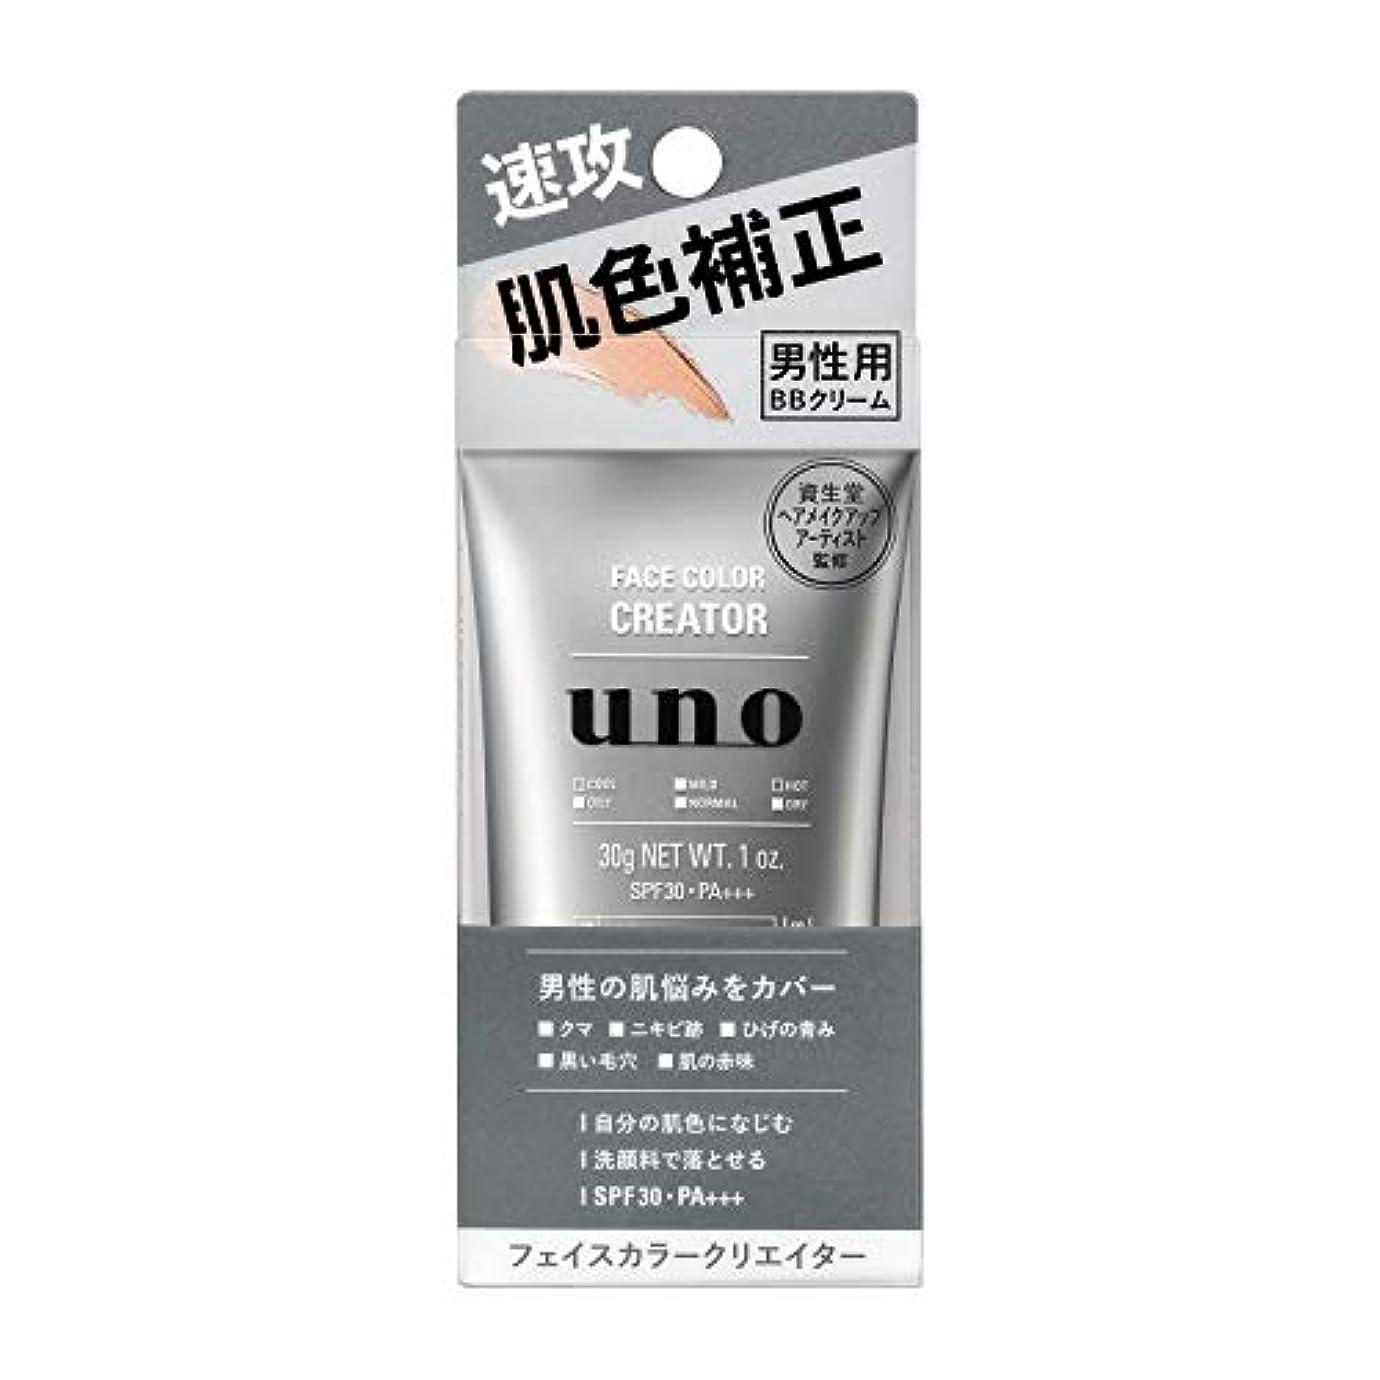 邪悪な検出掘るUNO(ウーノ)フェイスカラークリエイター BBクリーム メンズ SPF30 PA+++ 30g